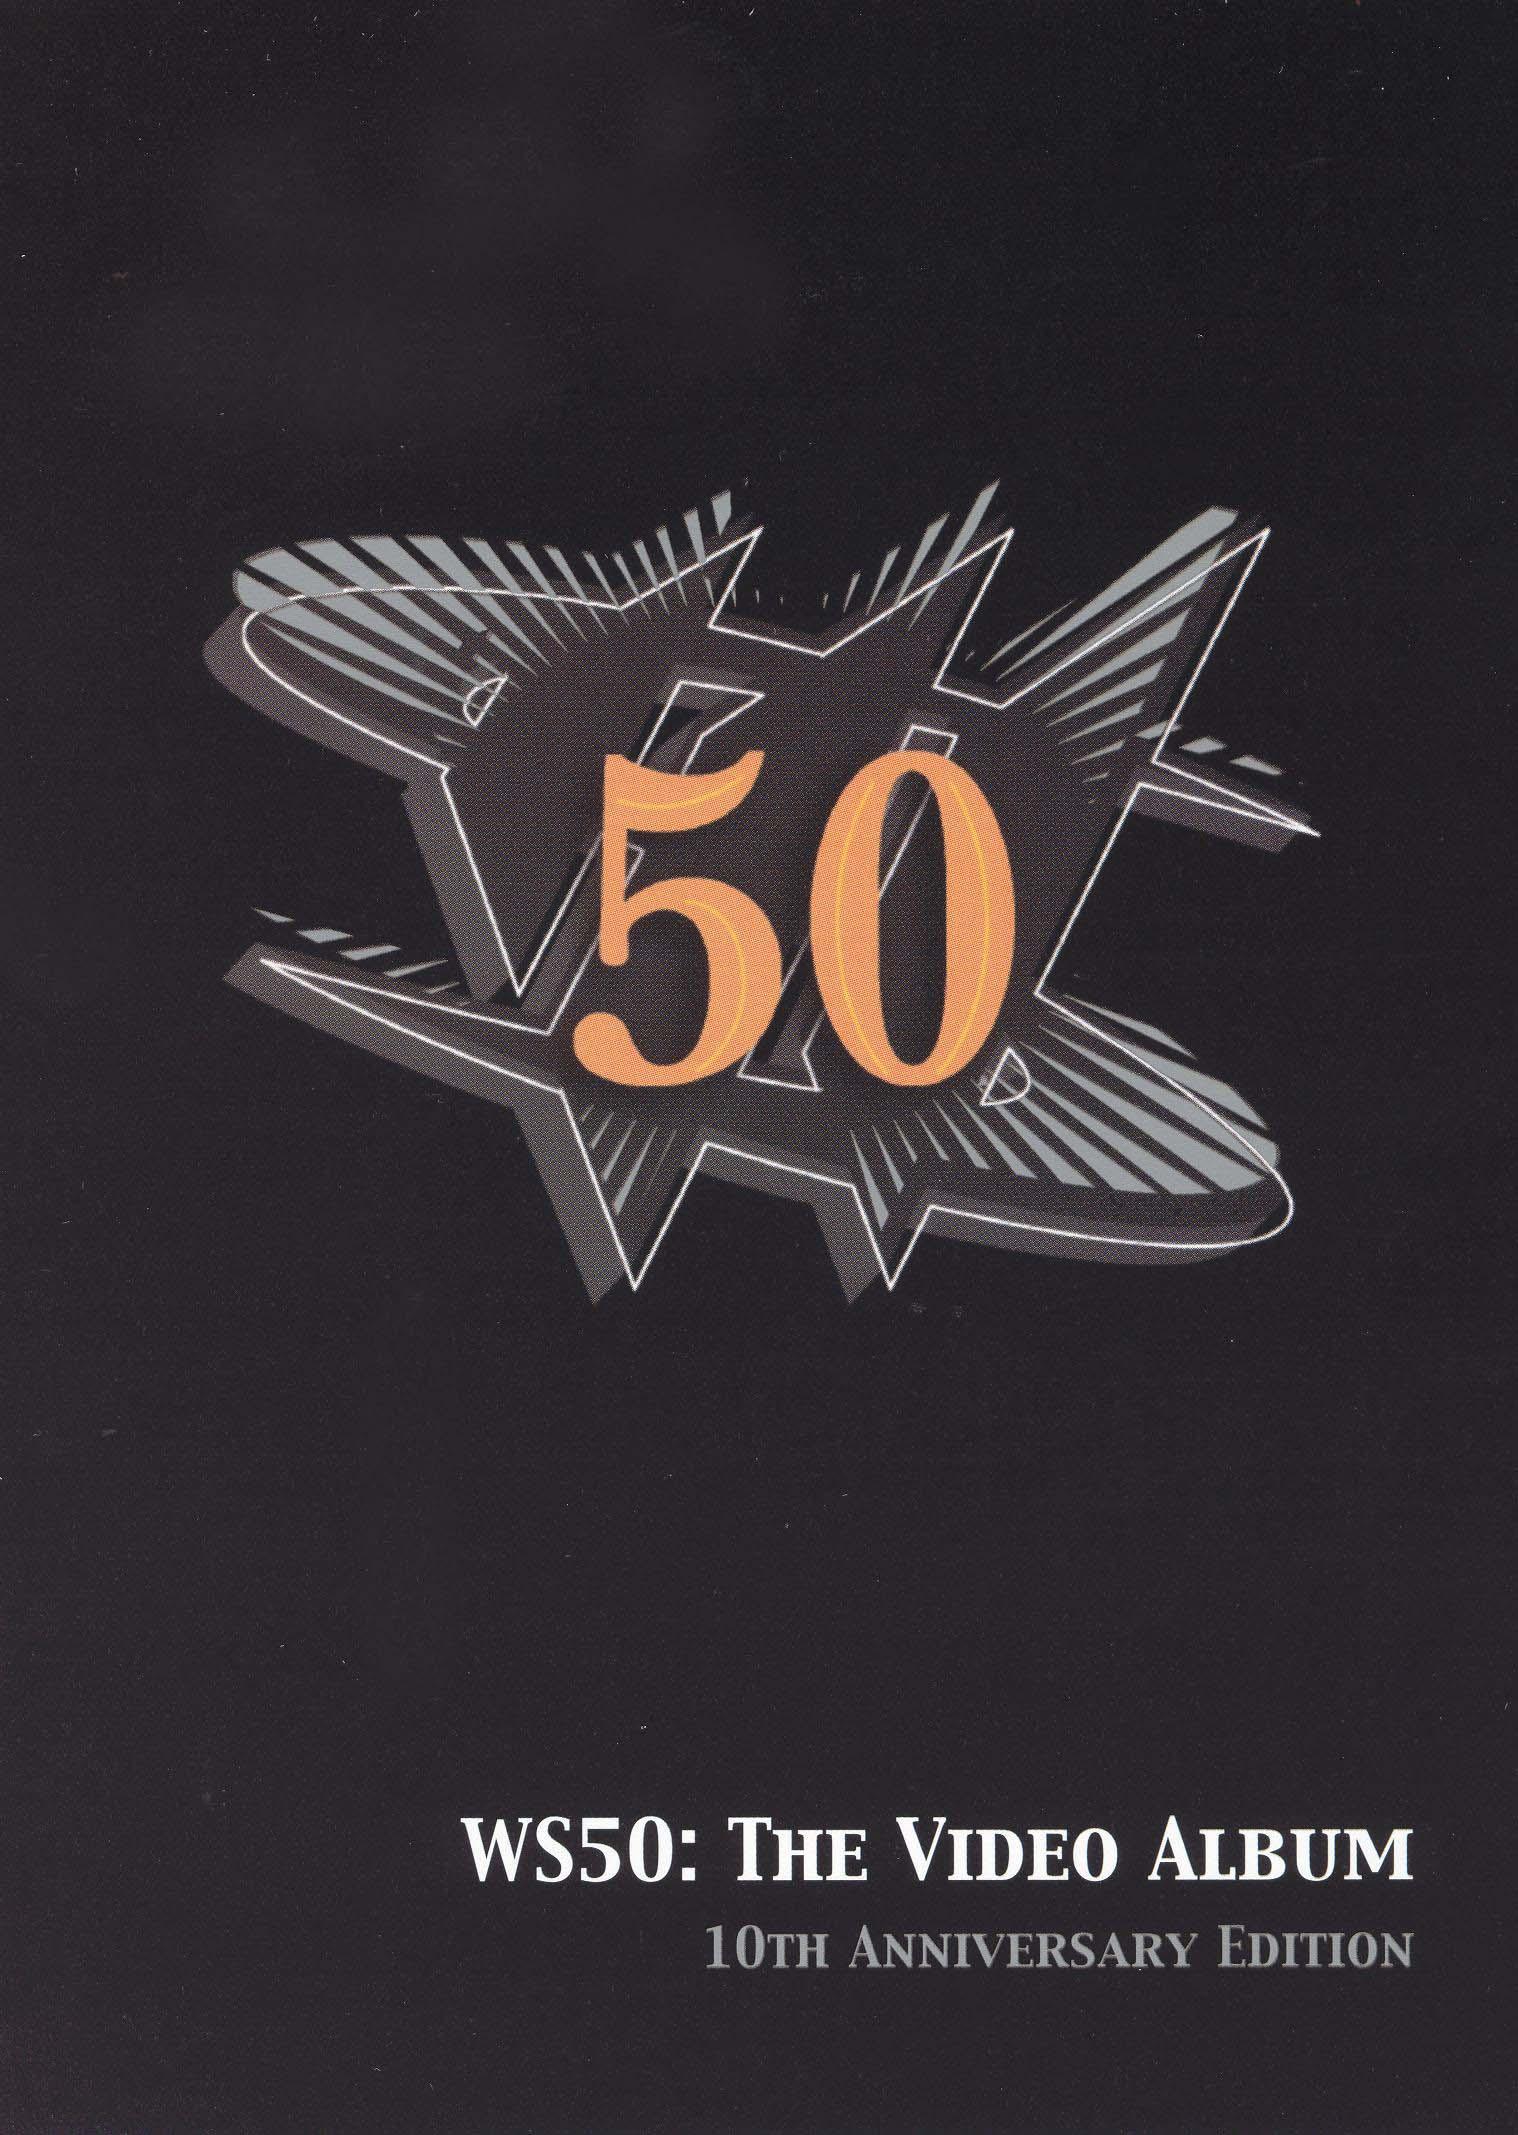 WS50: The Video Album - 10th Anniversary Edition